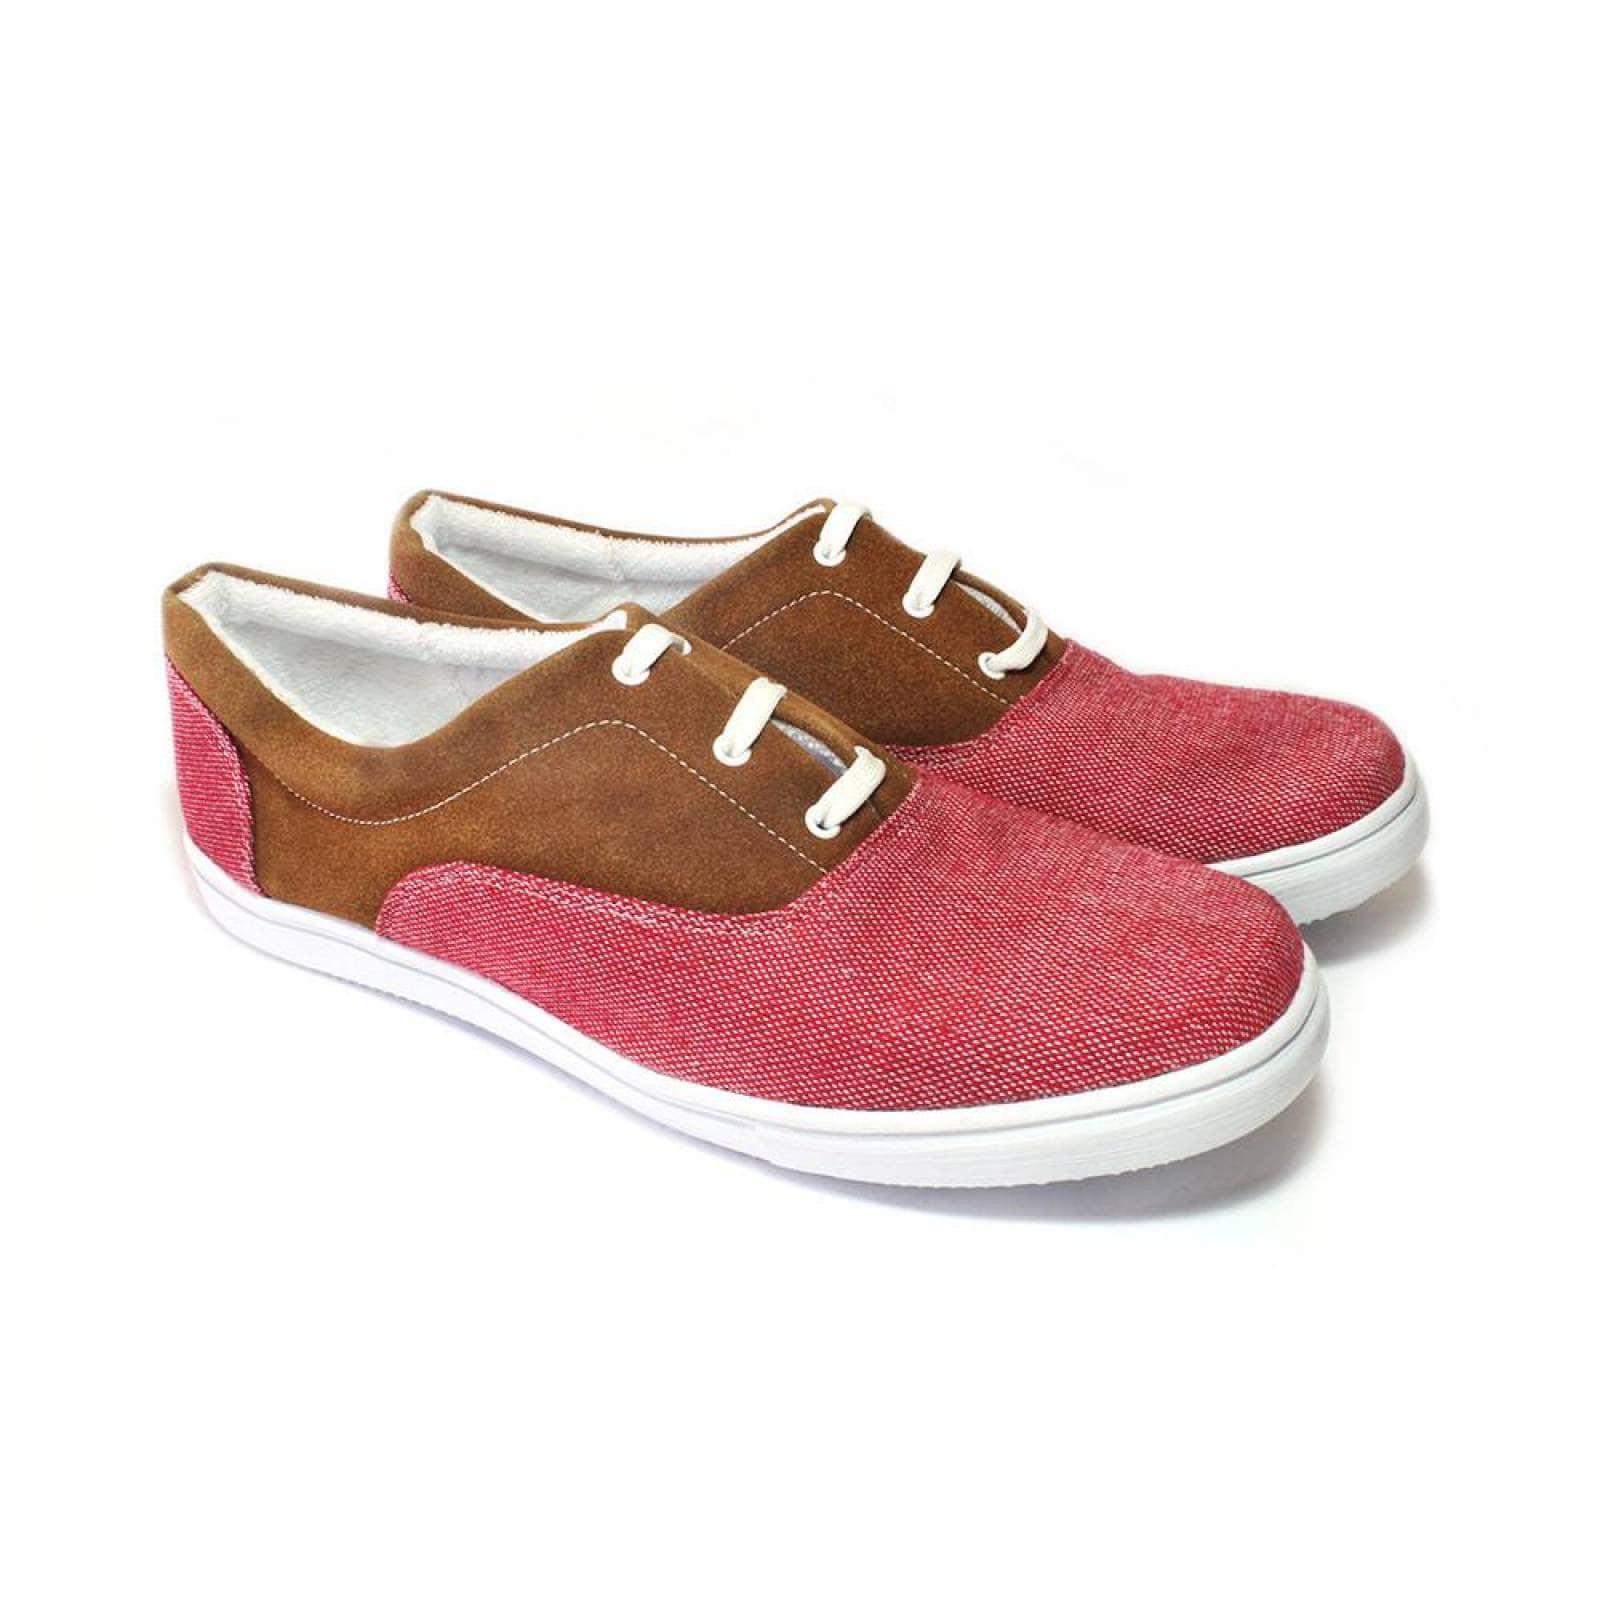 Tenis Zapato Casual Artesanal Tela Hombre Rufino Rojo Komoni Talla: 28